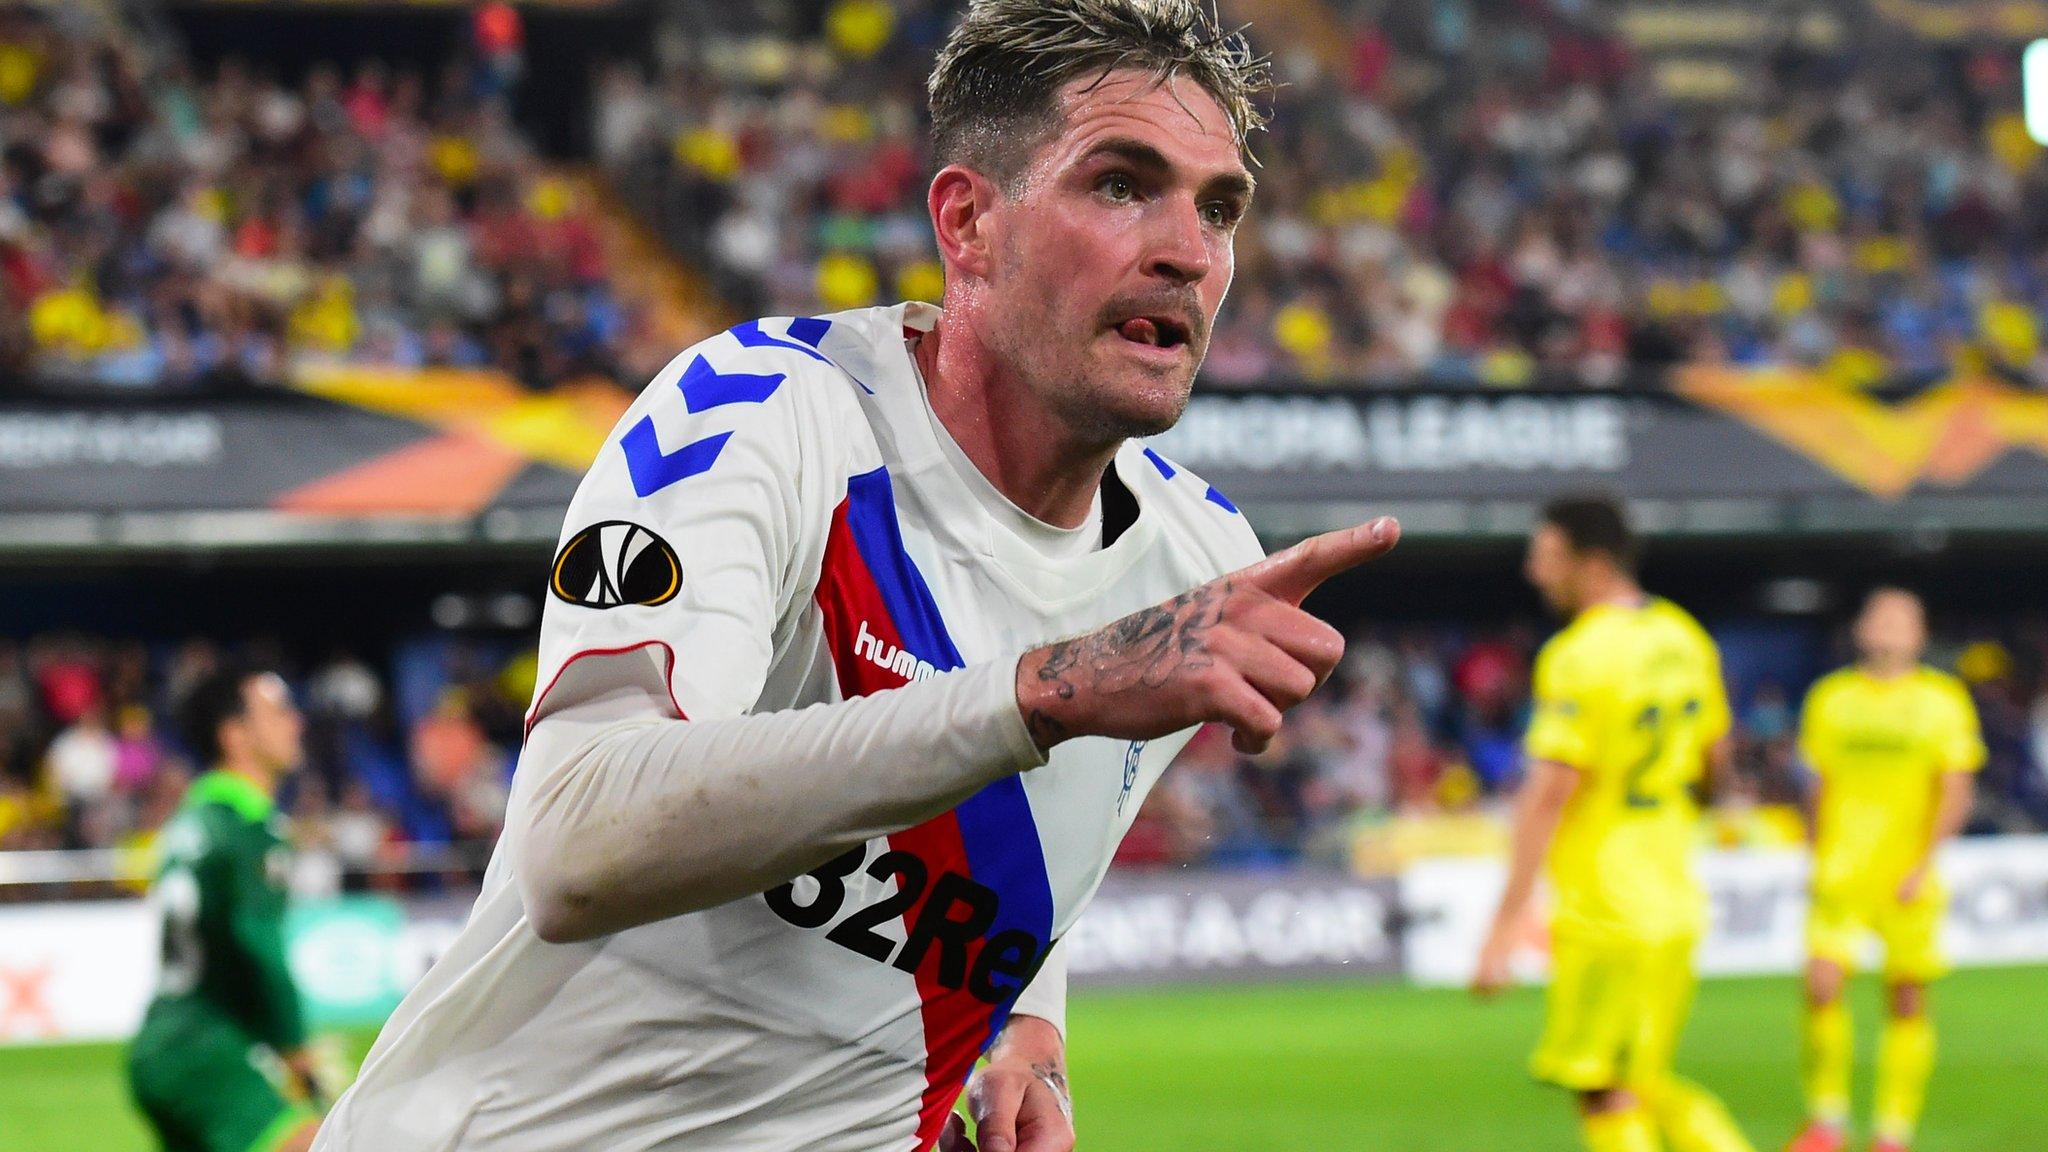 Rangers draw at Villarreal to extend Gerrards unbeaten European run